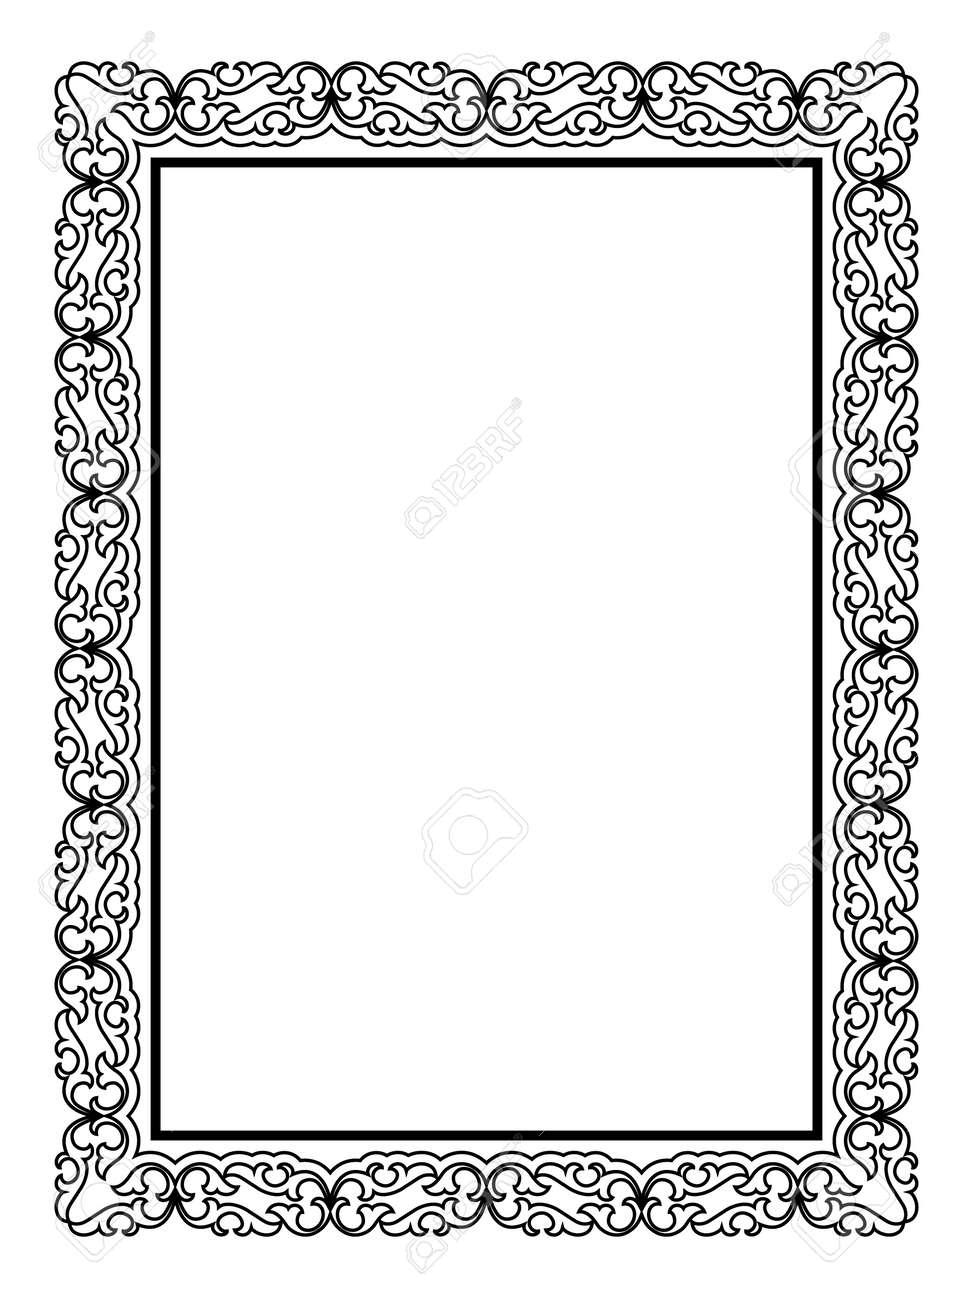 Exceptionnel Simple, Calligraphier Noir Ornement Motif Cadre Décoratif Clip Art  WV61